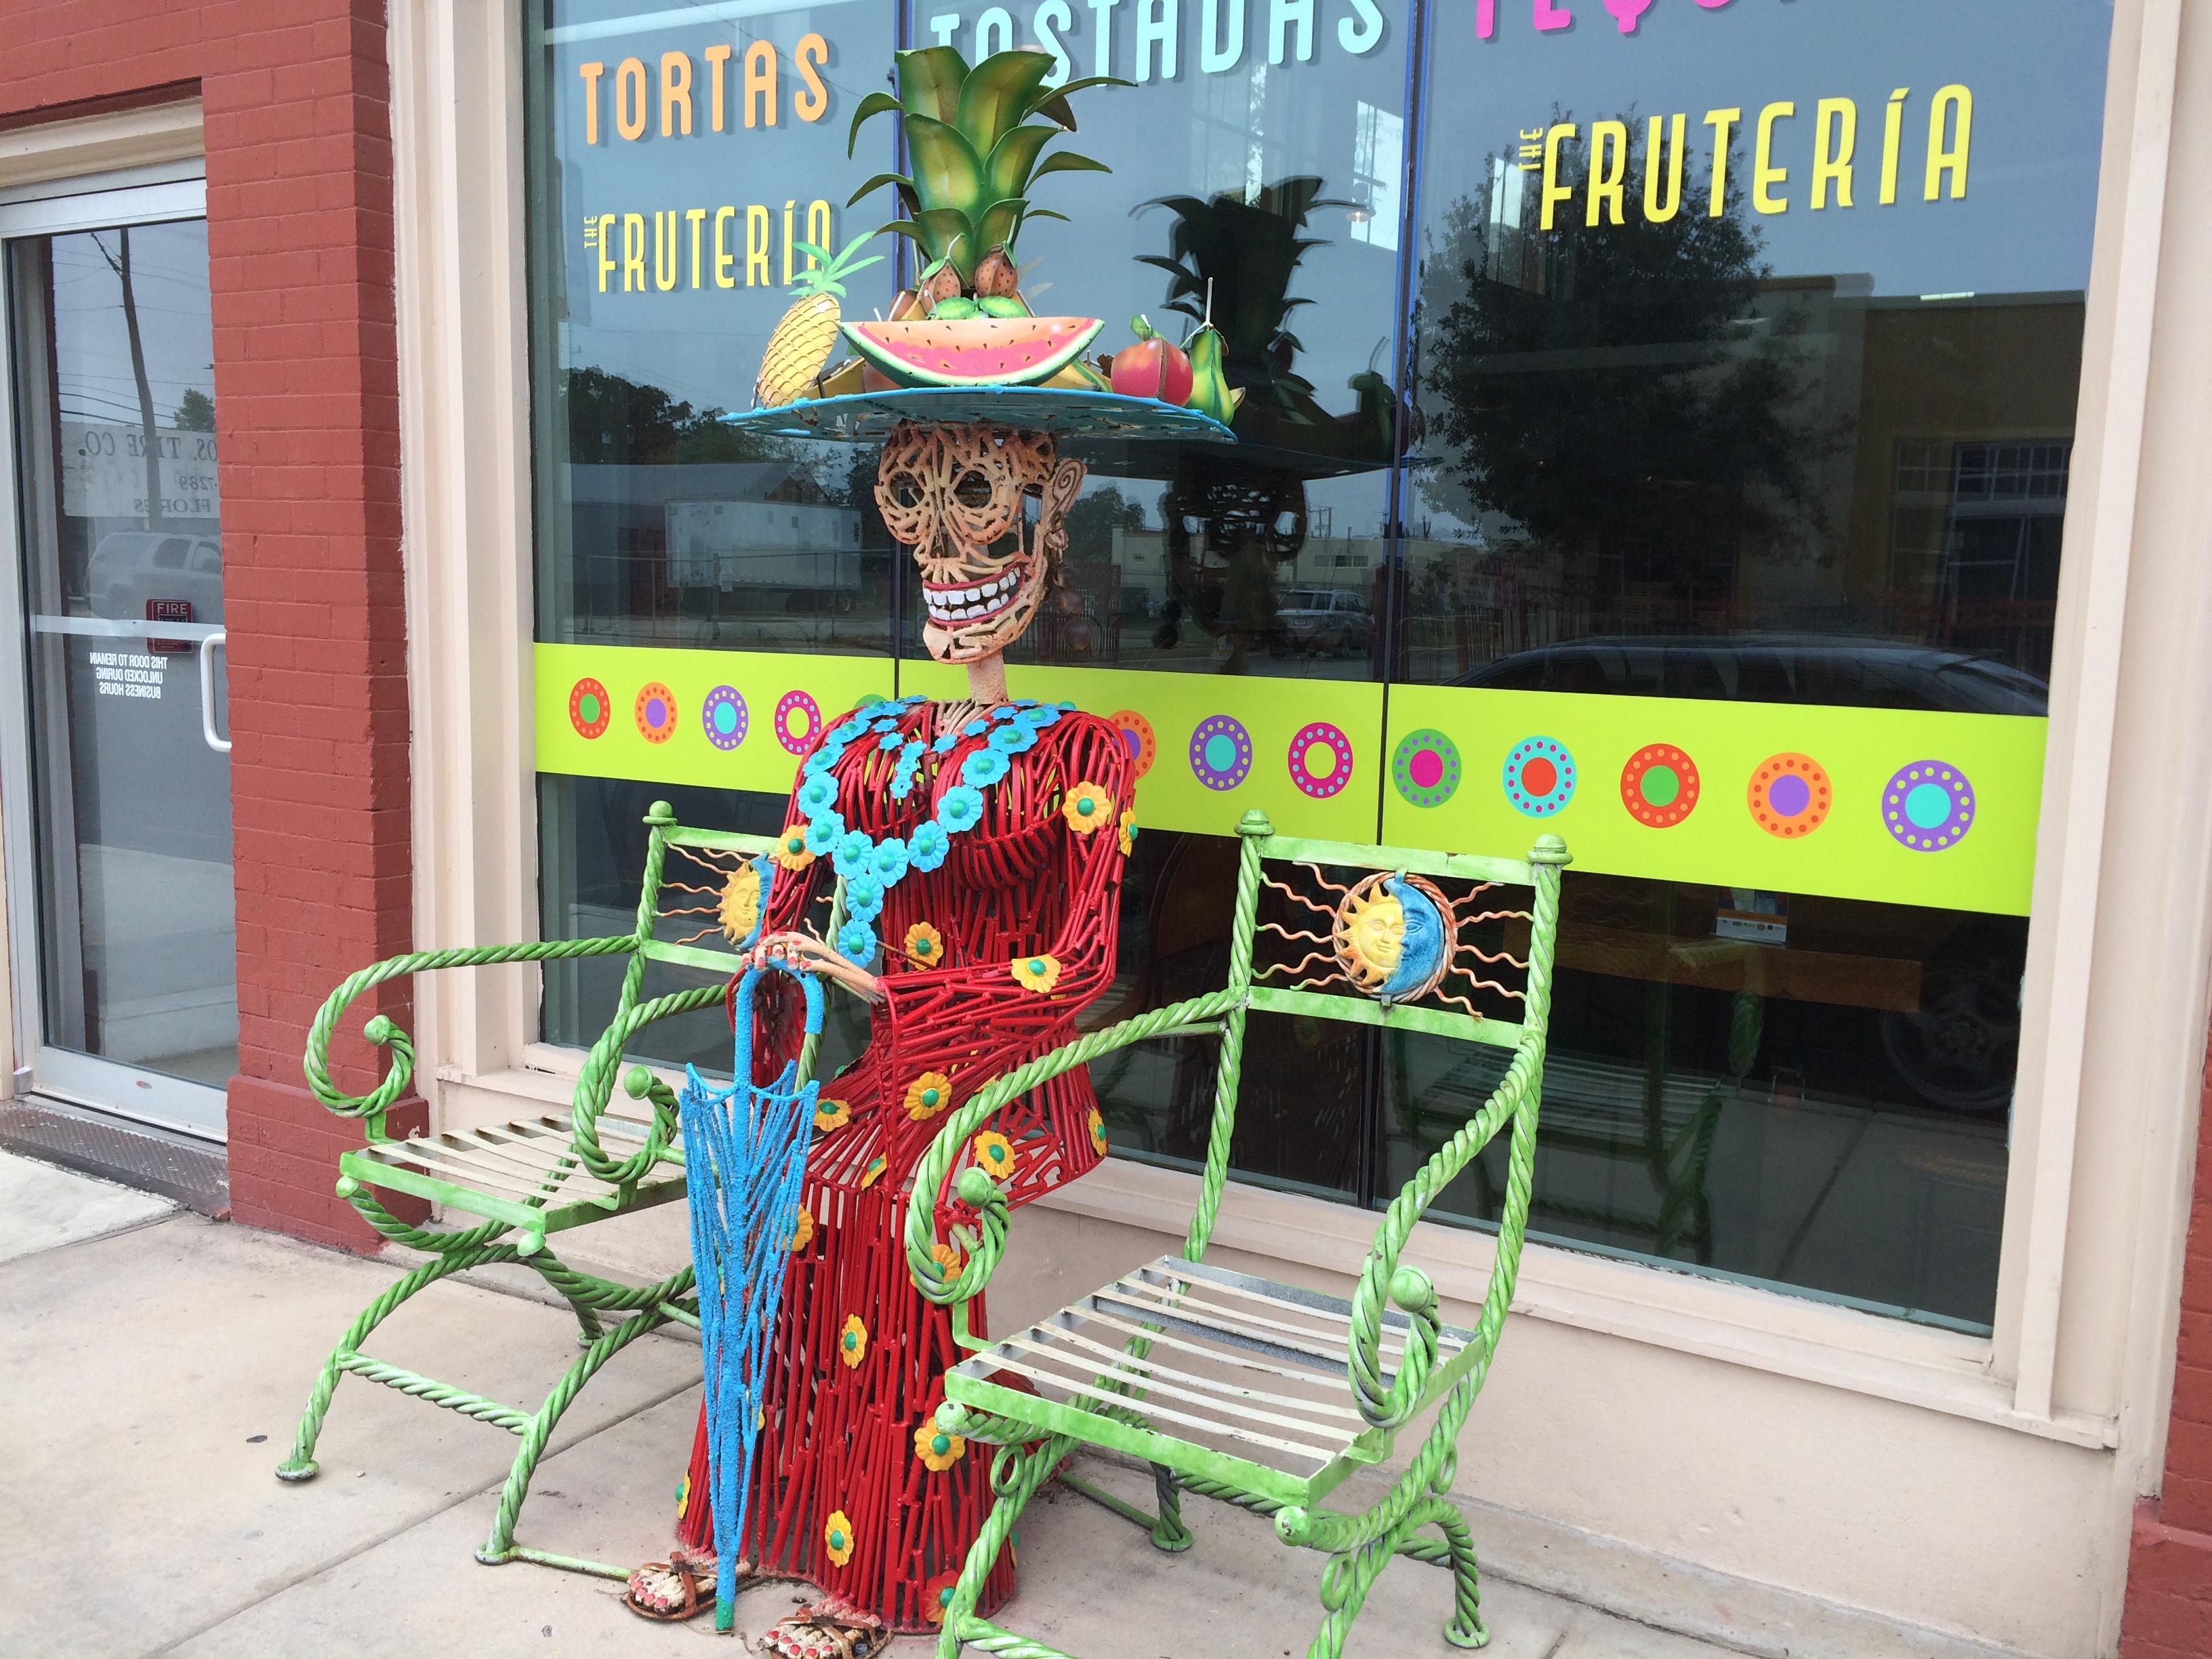 The Fruteria, San Antonio